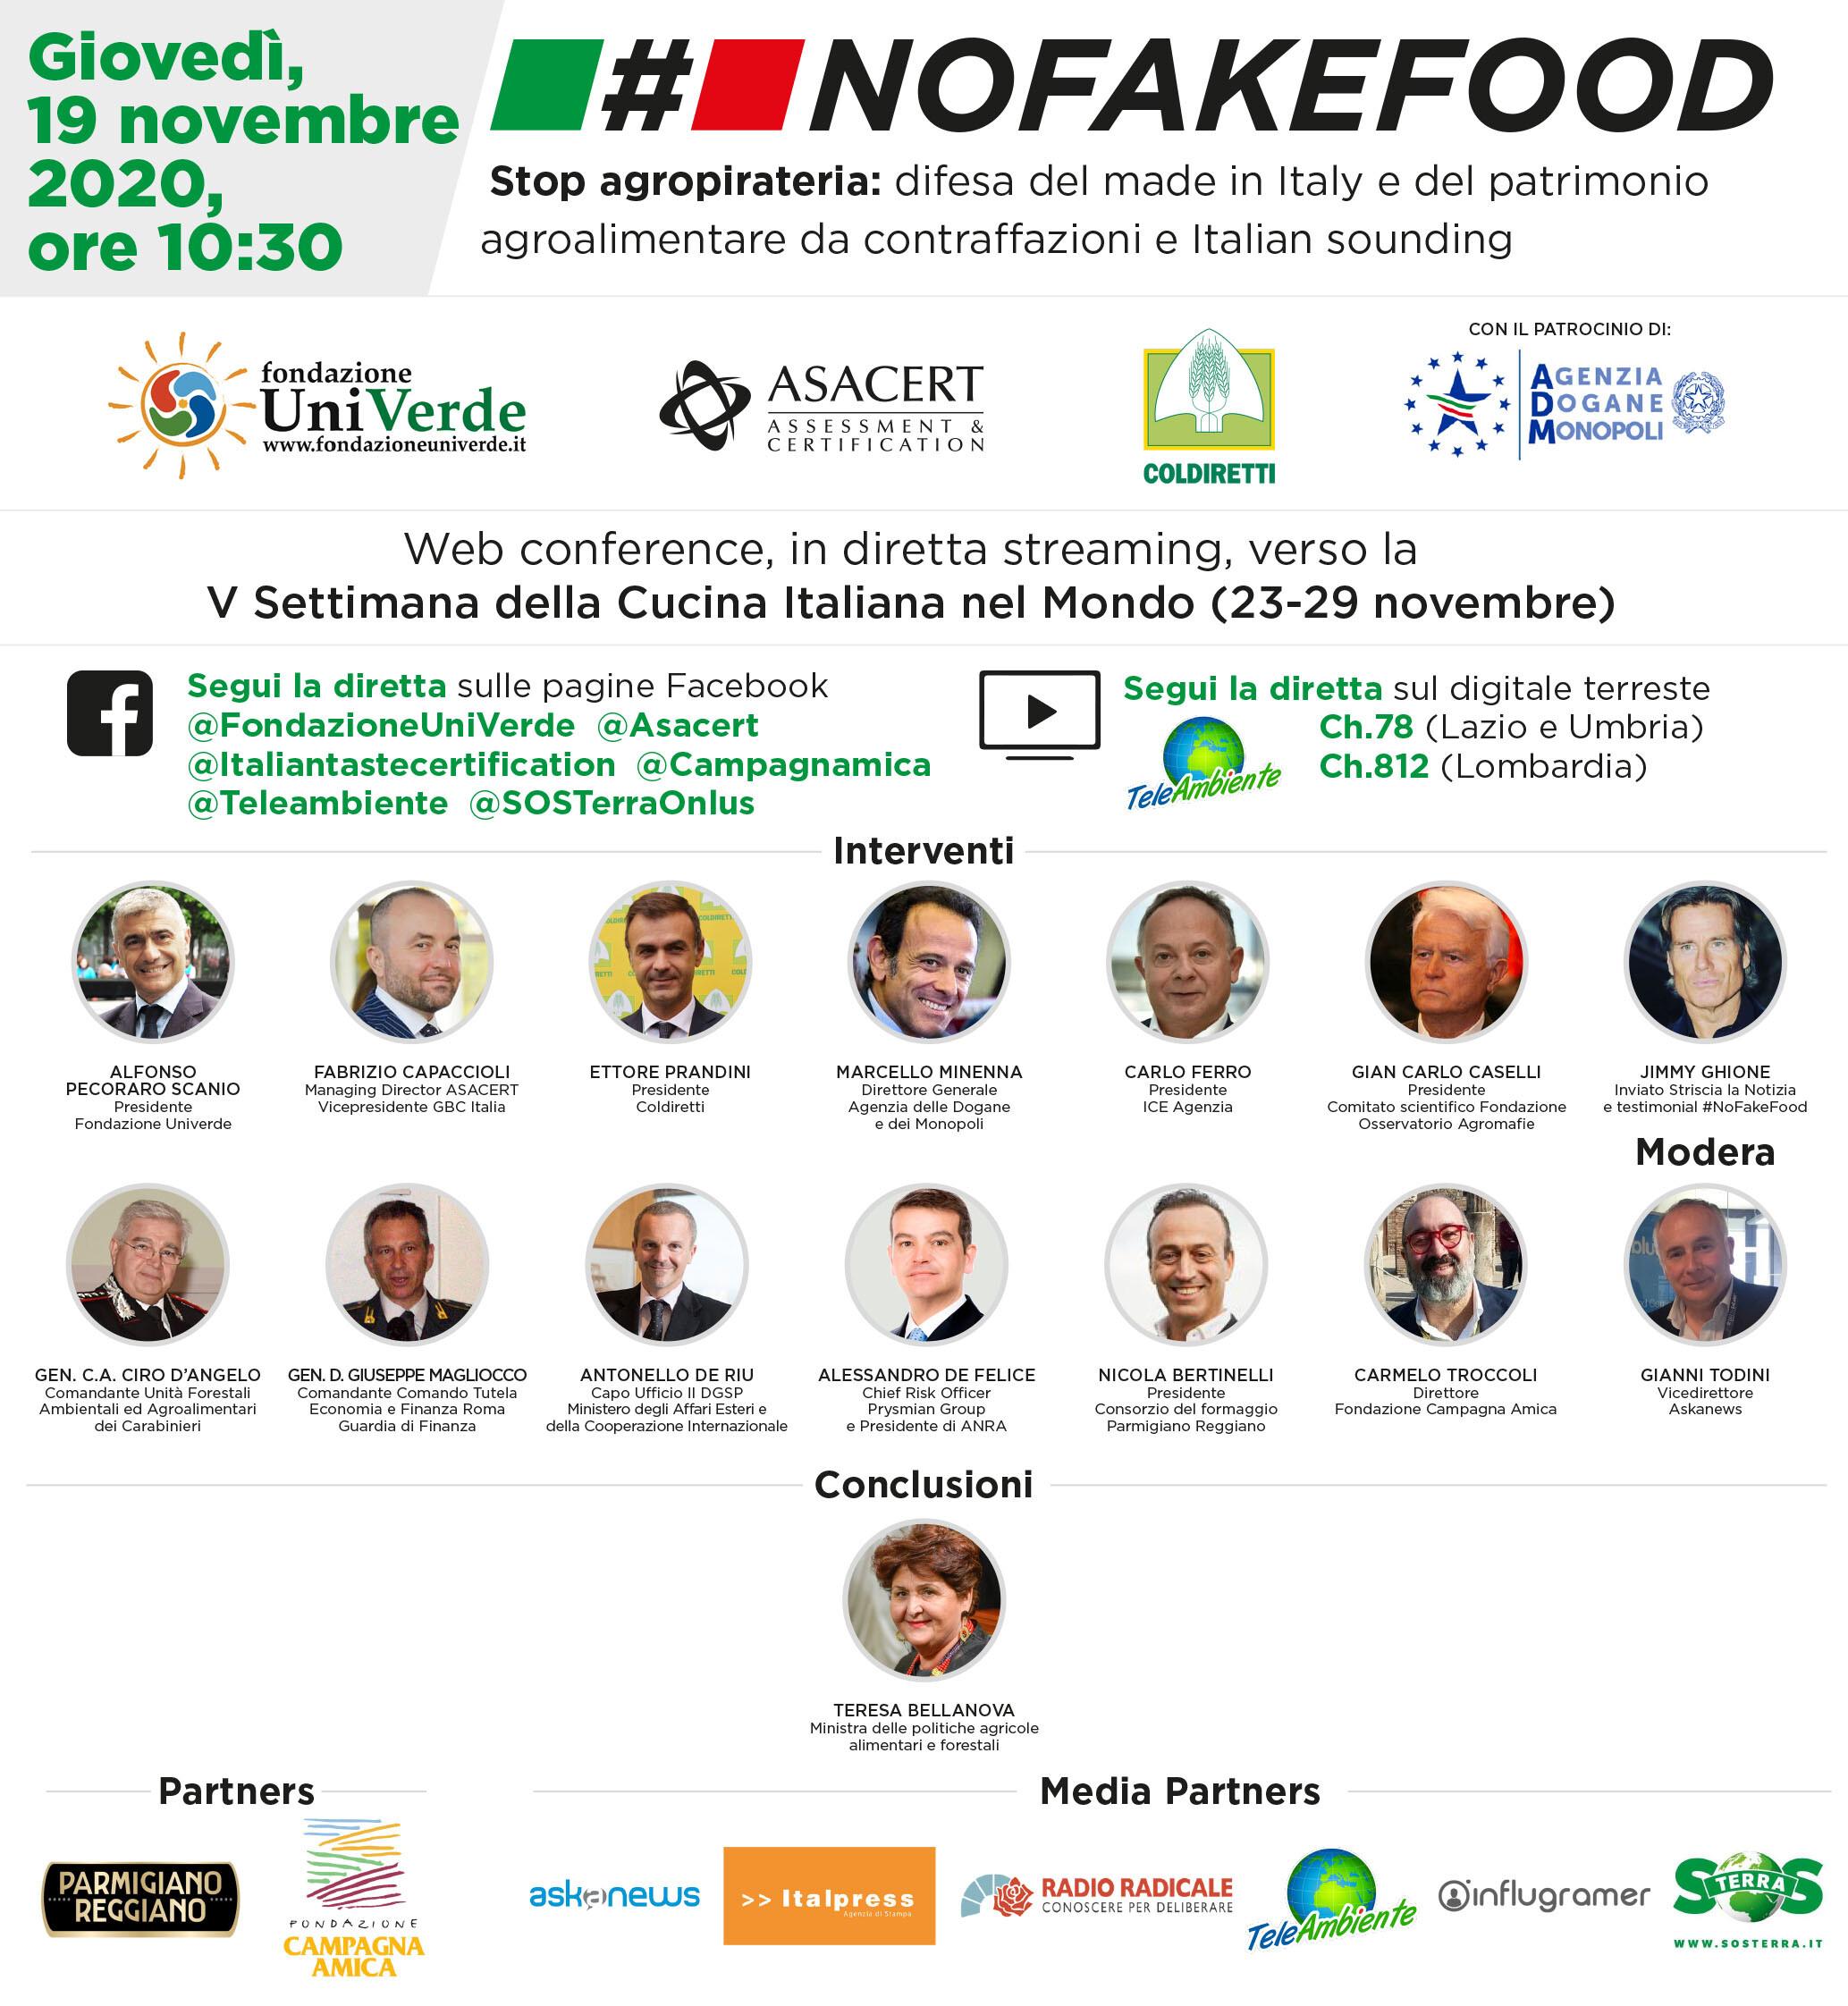 """""""#NoFakeFood. Stop agropirateria: difesa del made in Italy e del patrimonio agroalimentare da contraffazioni e Italian sounding"""": diretta streaming"""